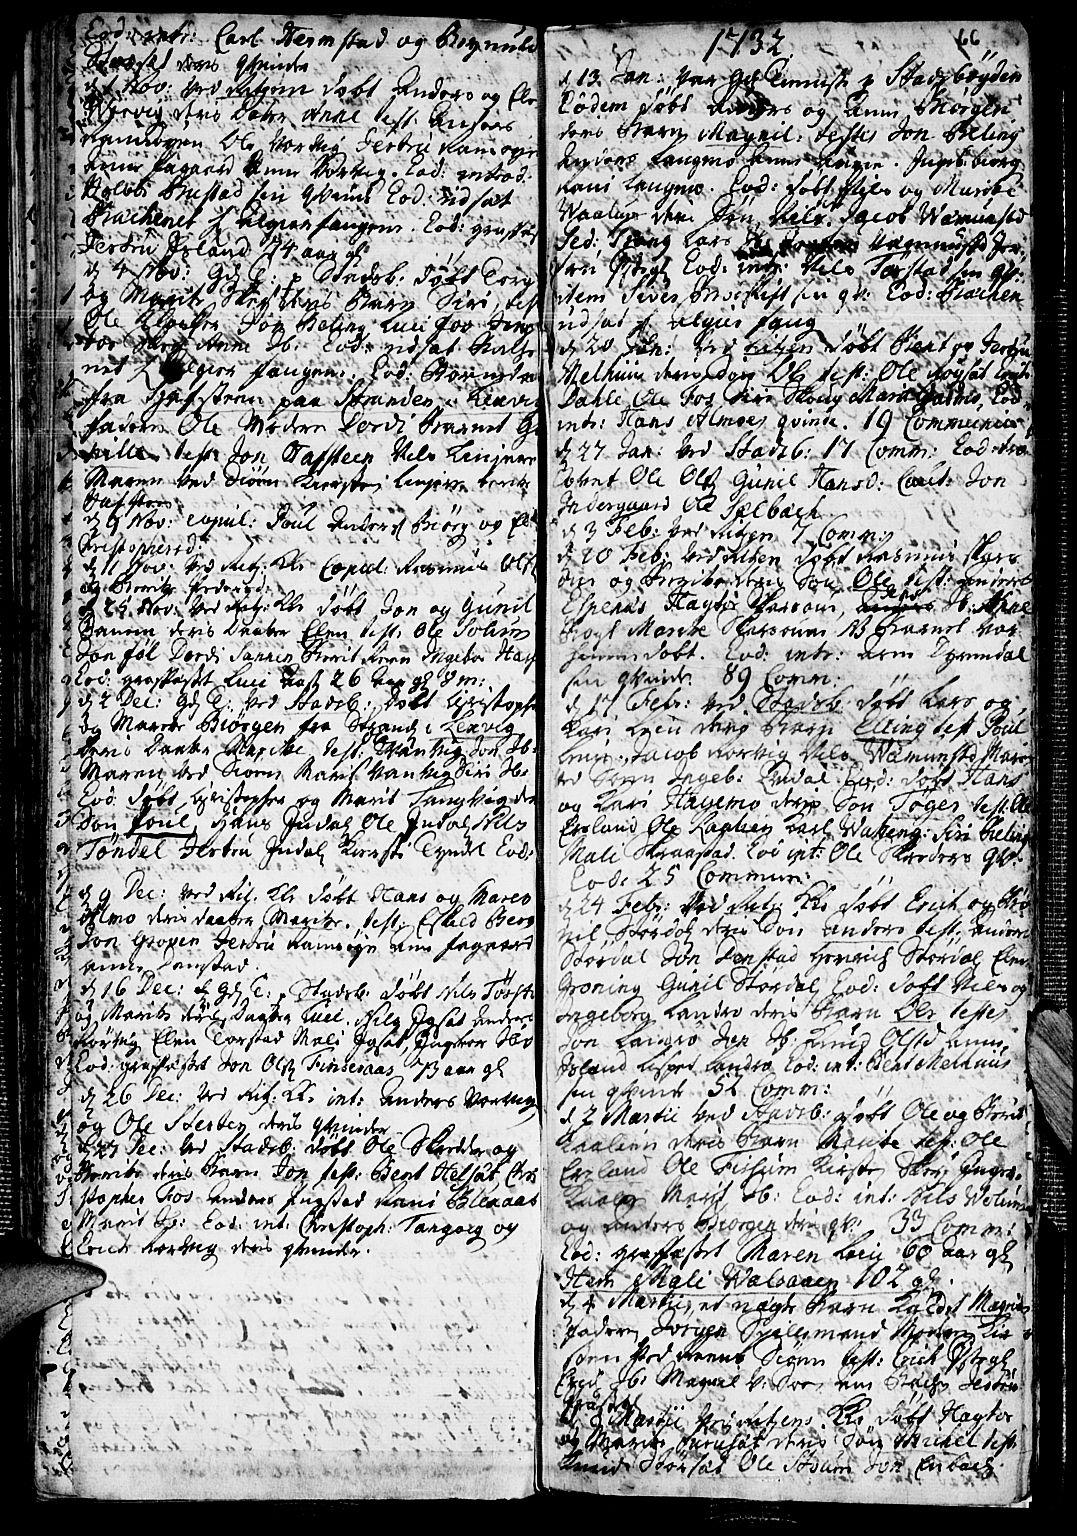 SAT, Ministerialprotokoller, klokkerbøker og fødselsregistre - Sør-Trøndelag, 646/L0603: Ministerialbok nr. 646A01, 1700-1734, s. 66